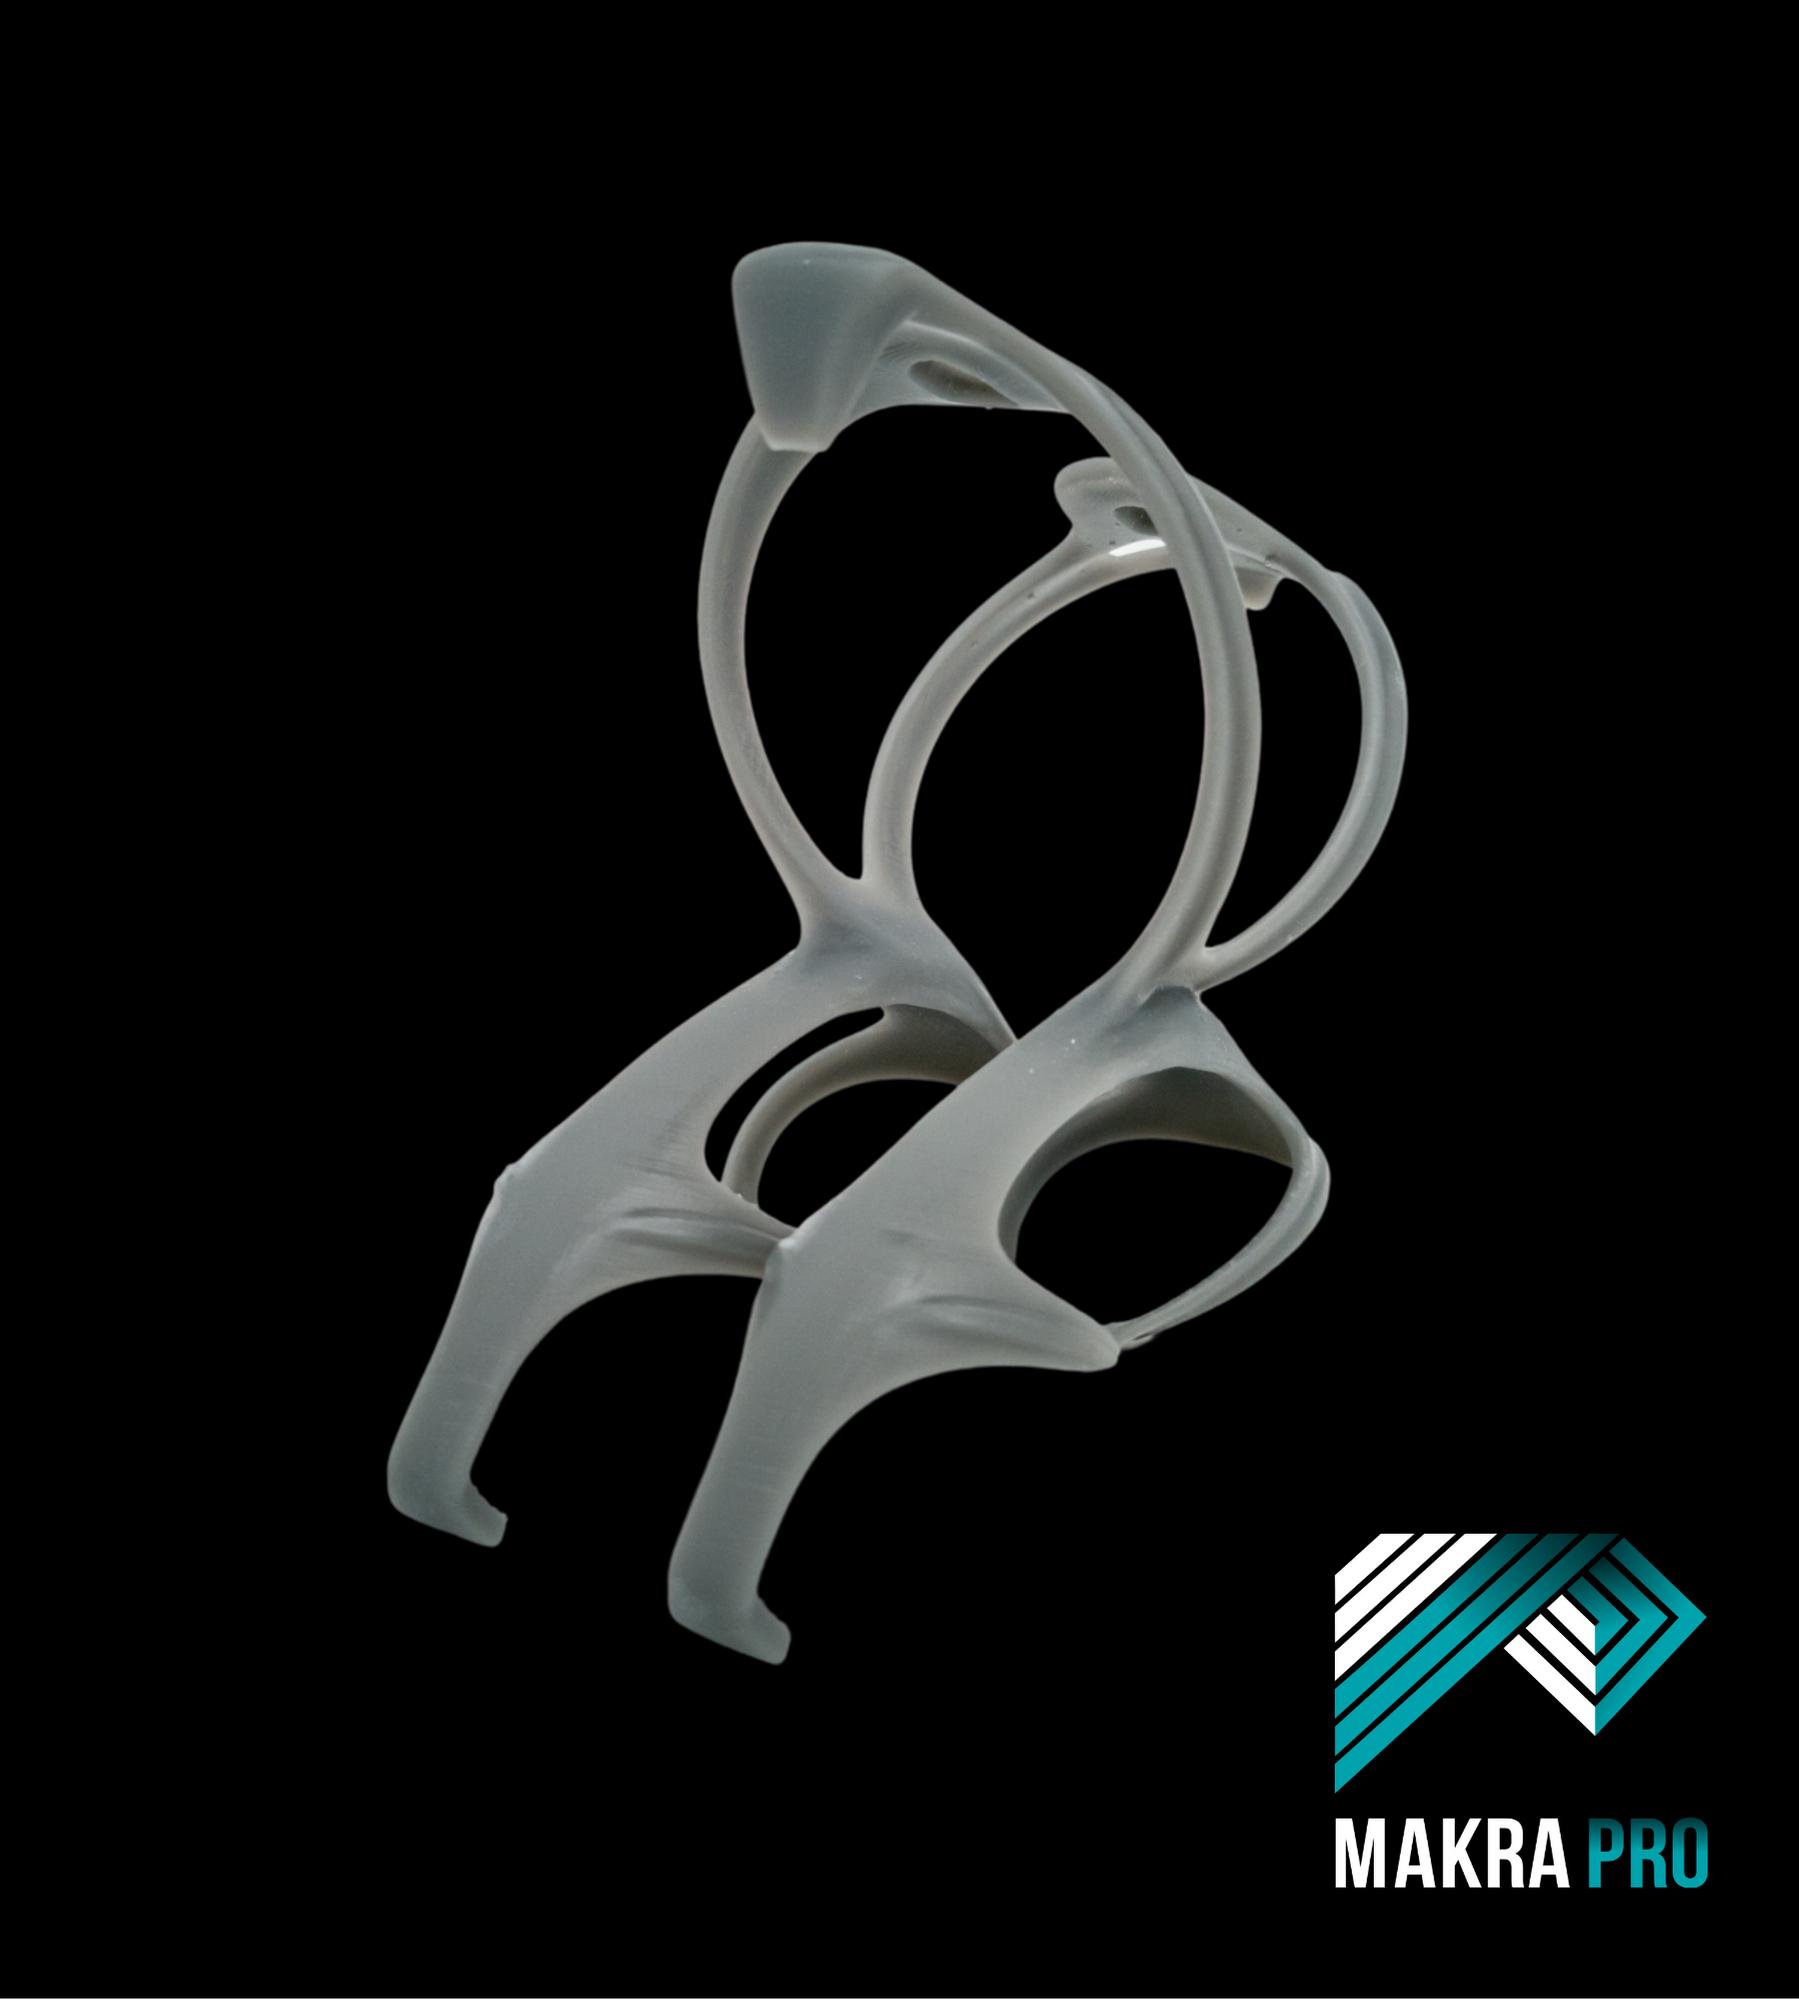 Bananenhalter 3D Druck Makra Pro